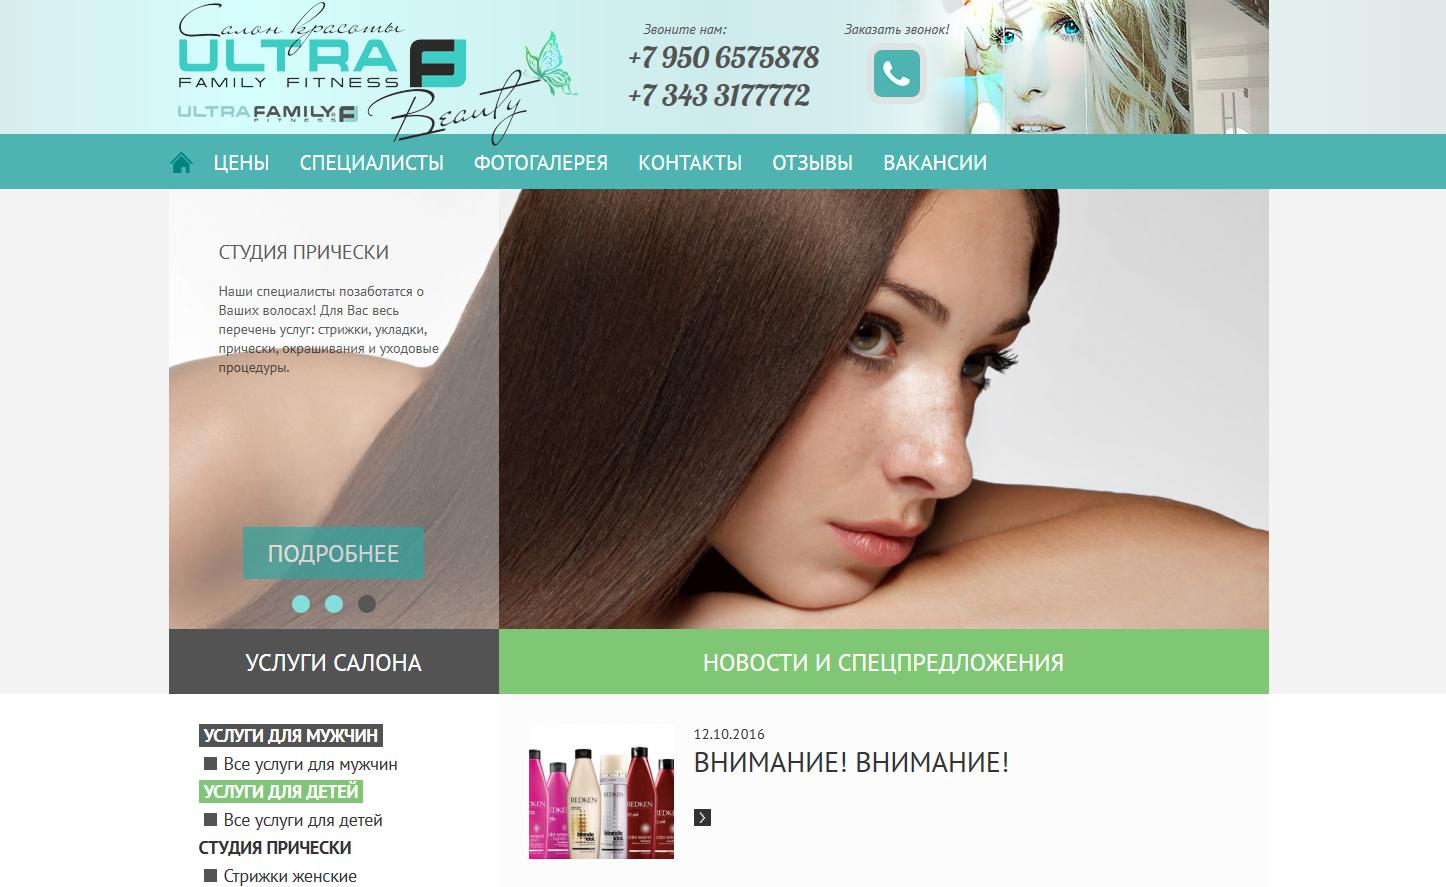 Пример дизайна корпоративного сайта салона красоты Ультра Бьюти